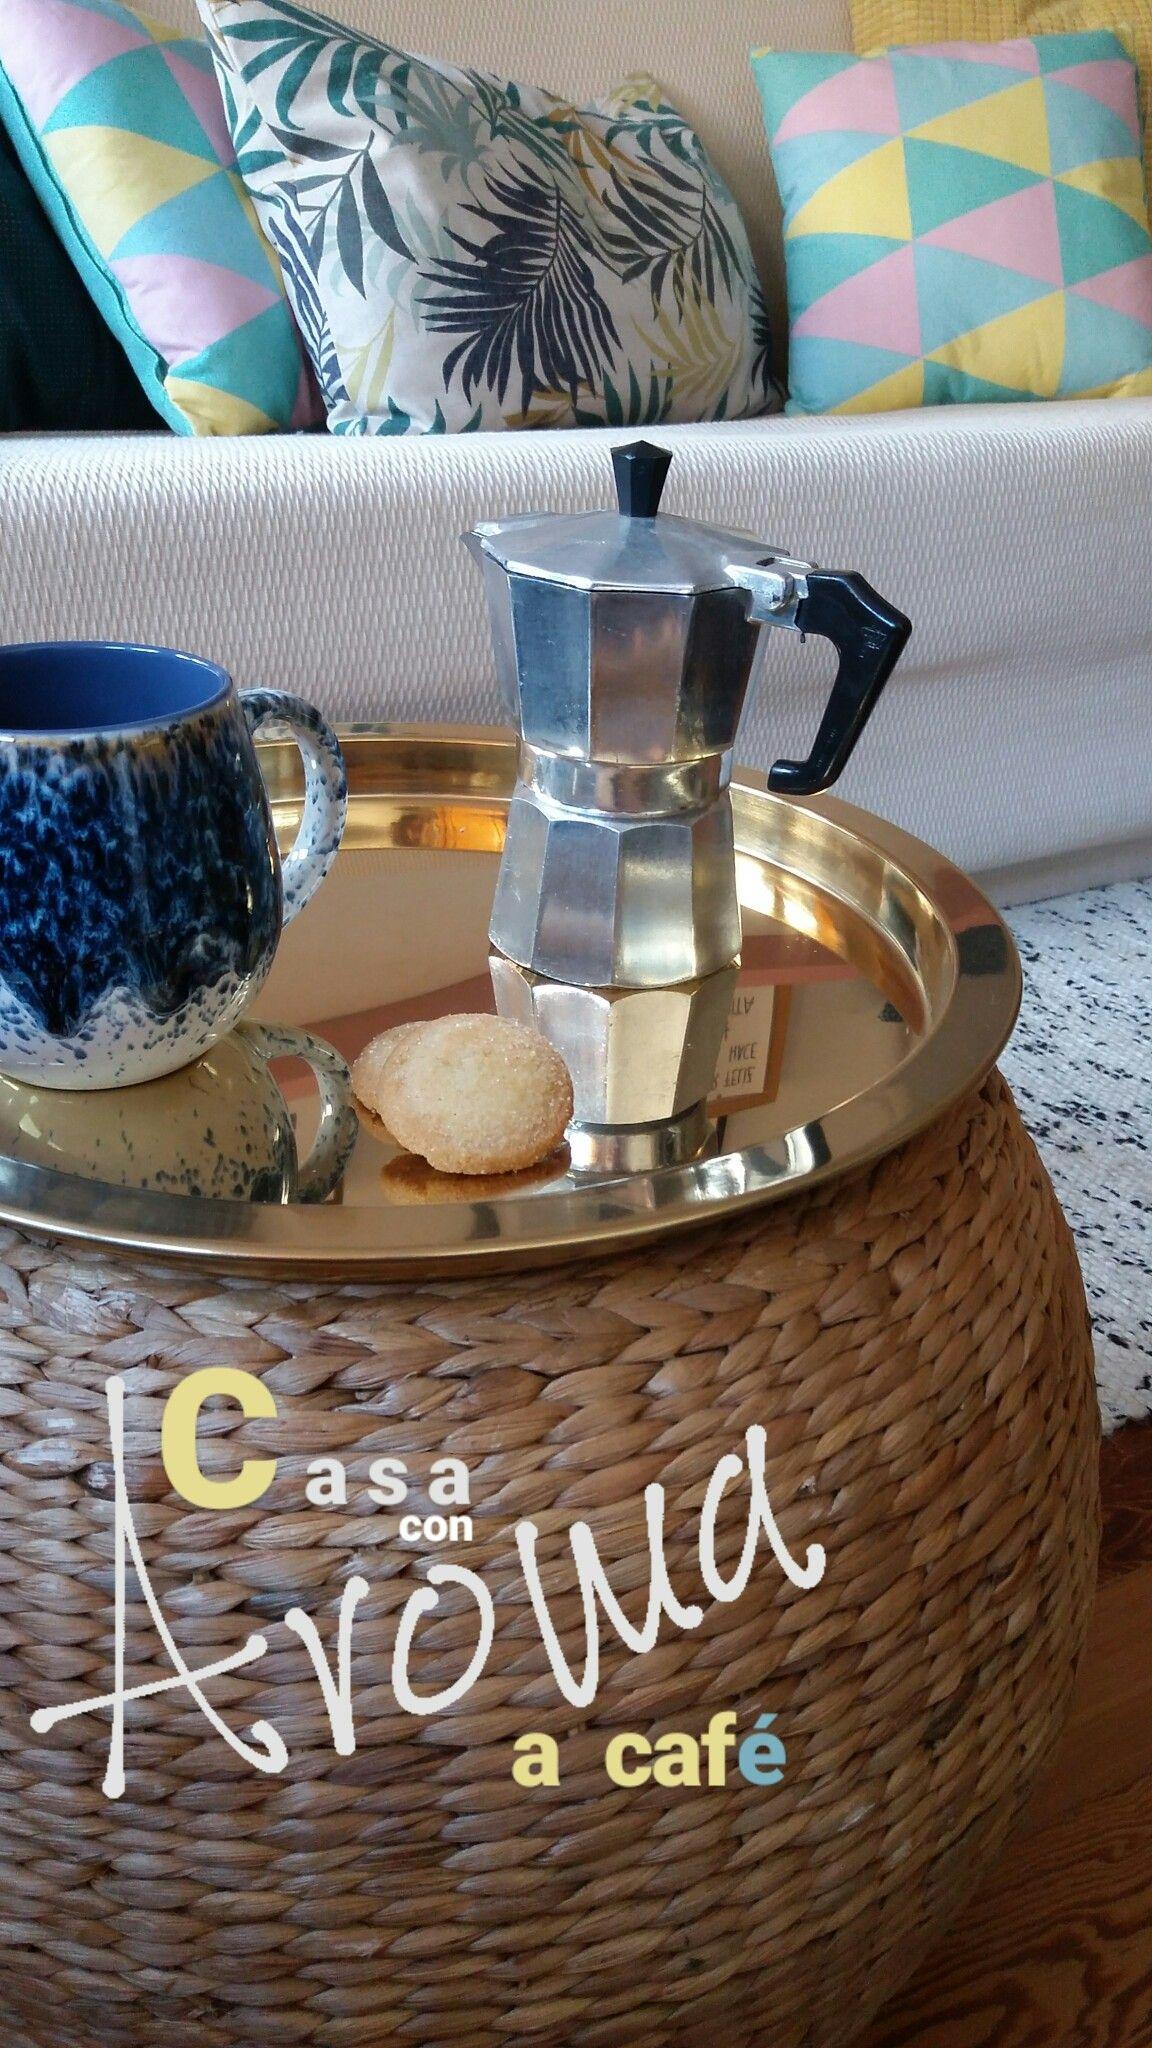 Sweet home! Aroma a café en casa. Creando un nuevo hogar con pequeños detalles de decoración. Puf de mimbre, bandeja de metal, estampados geométricos y tropicales. textil madera. Diseño interior, mixprint, cute, nice, cuqui, interiorismo, design, café